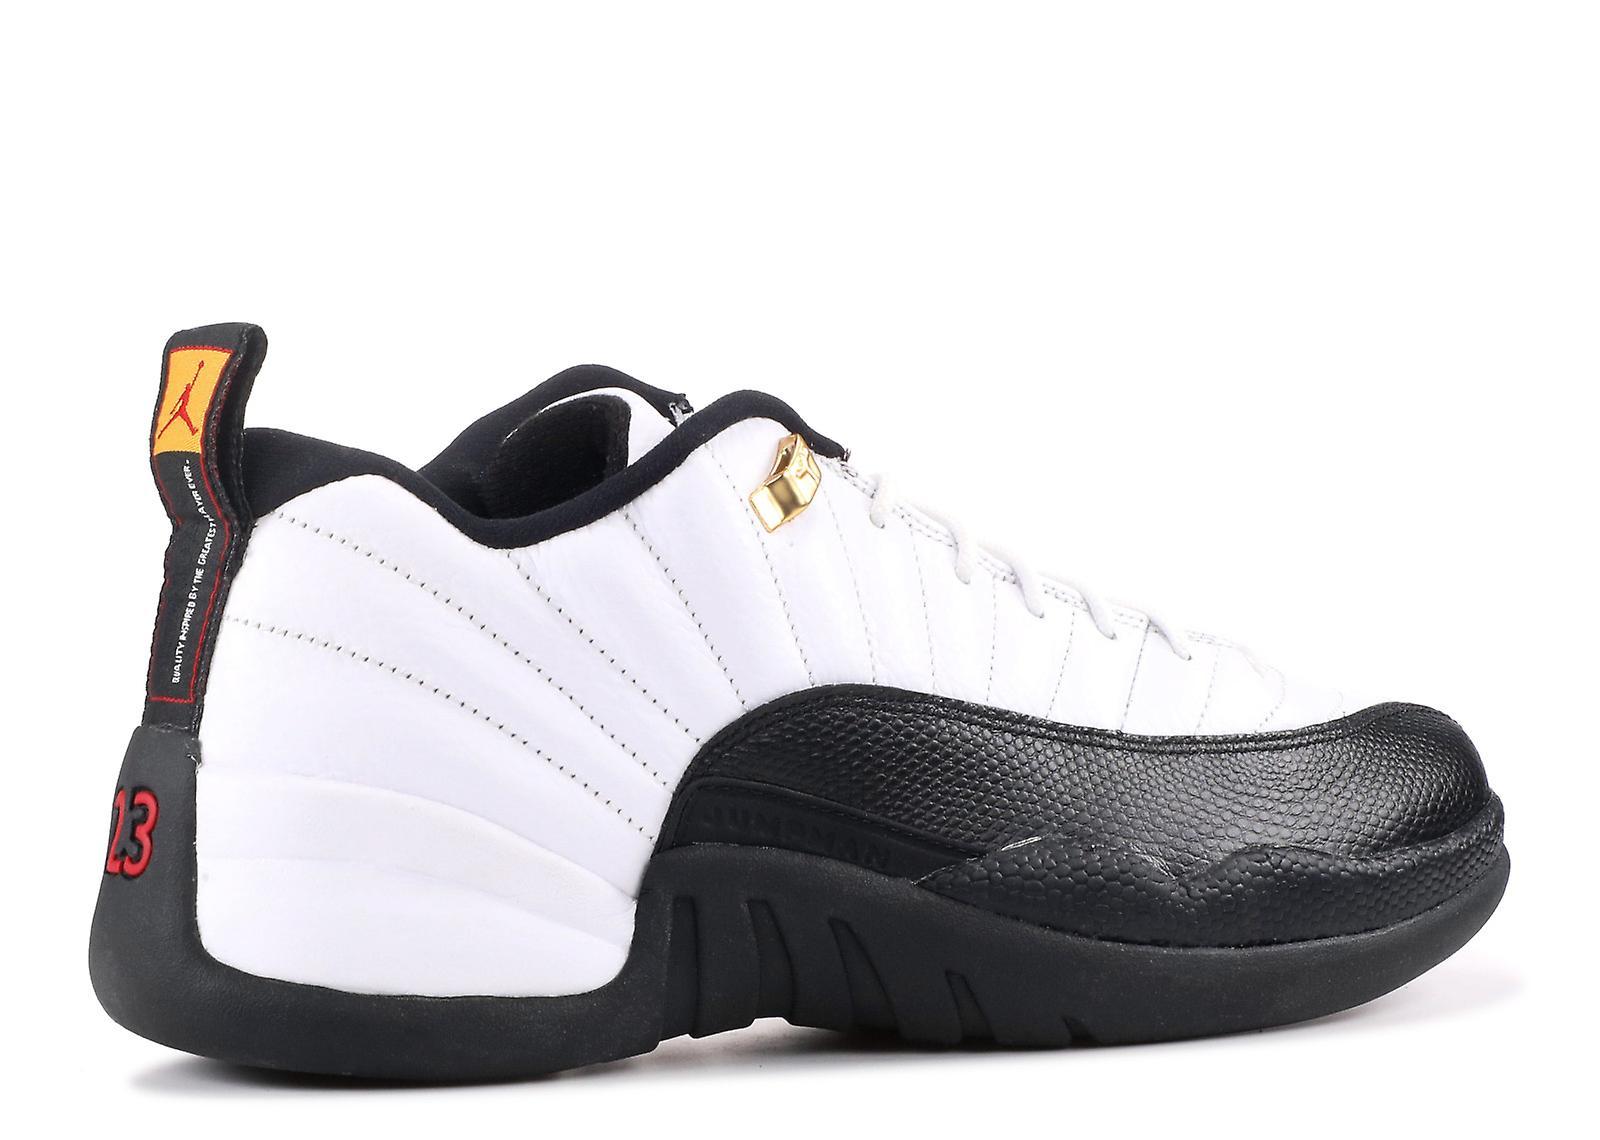 Air Jordan 12 Retro Low - 308317 - 104 - chaussures - Remise particulière